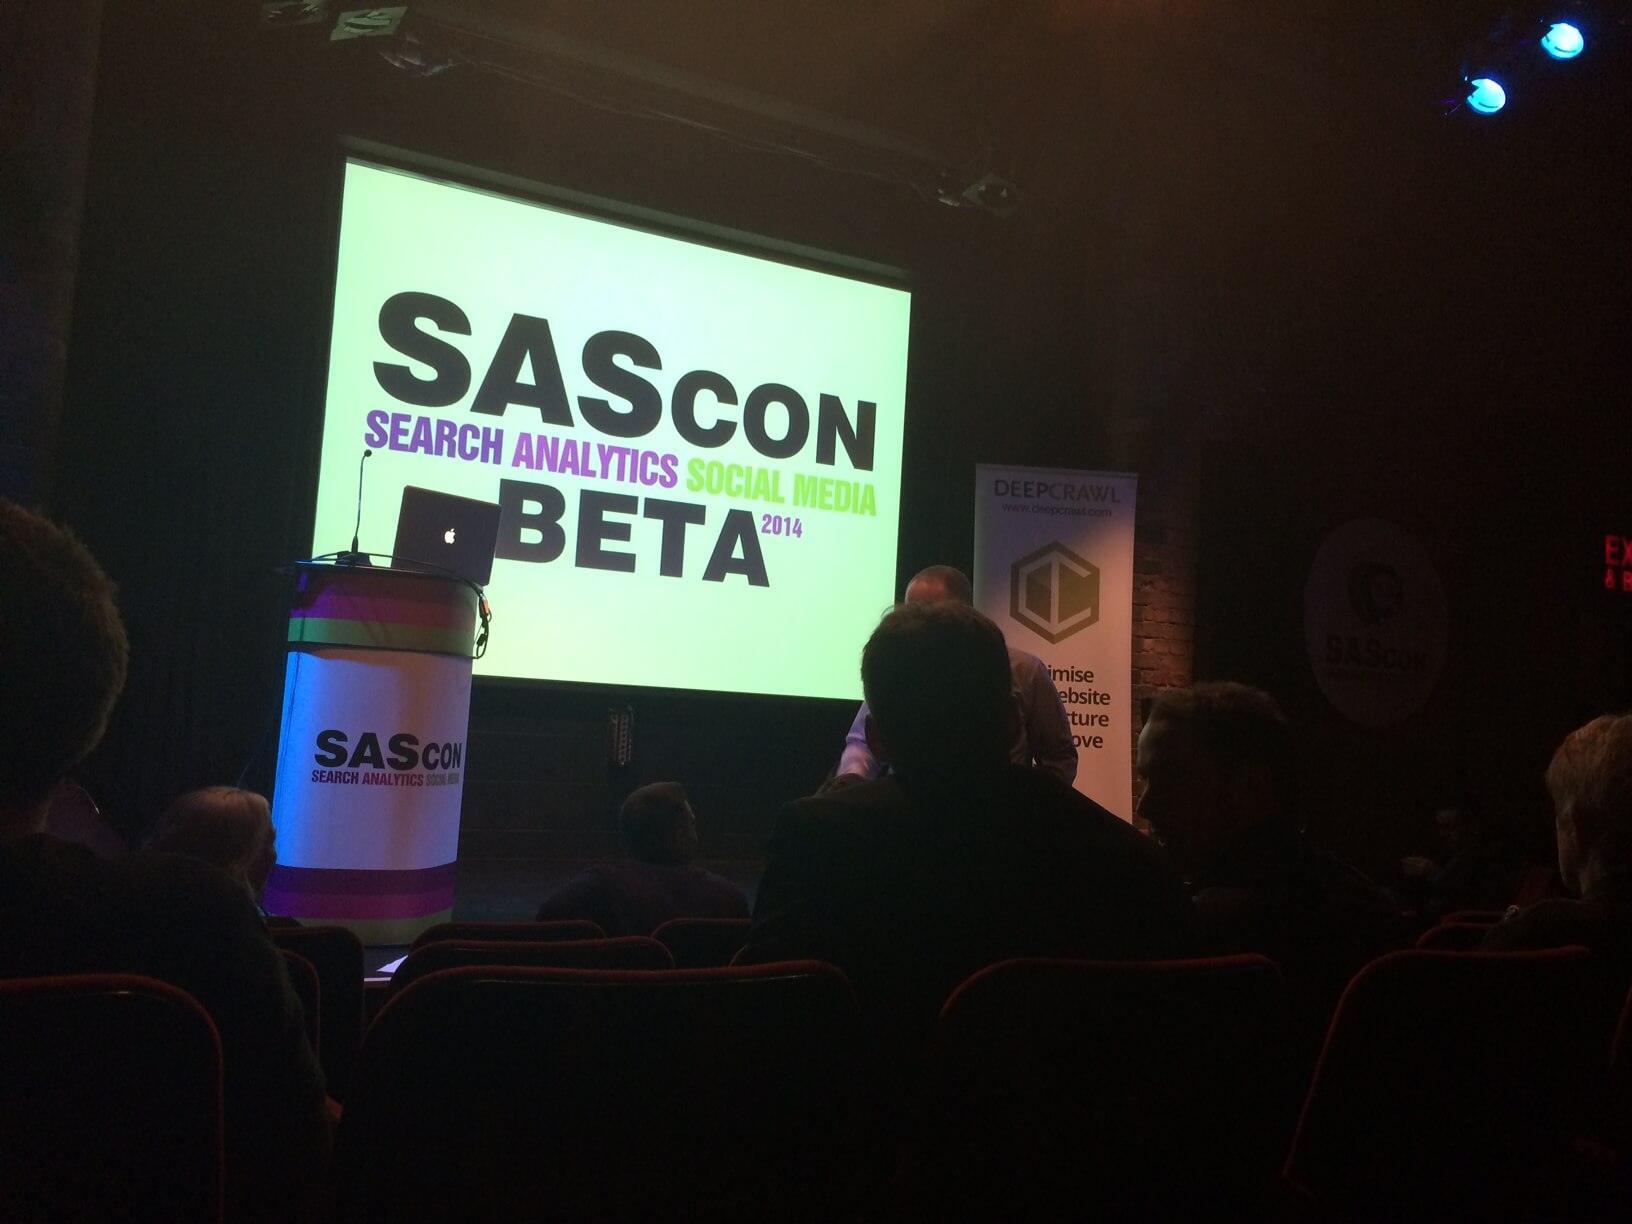 sascon2014